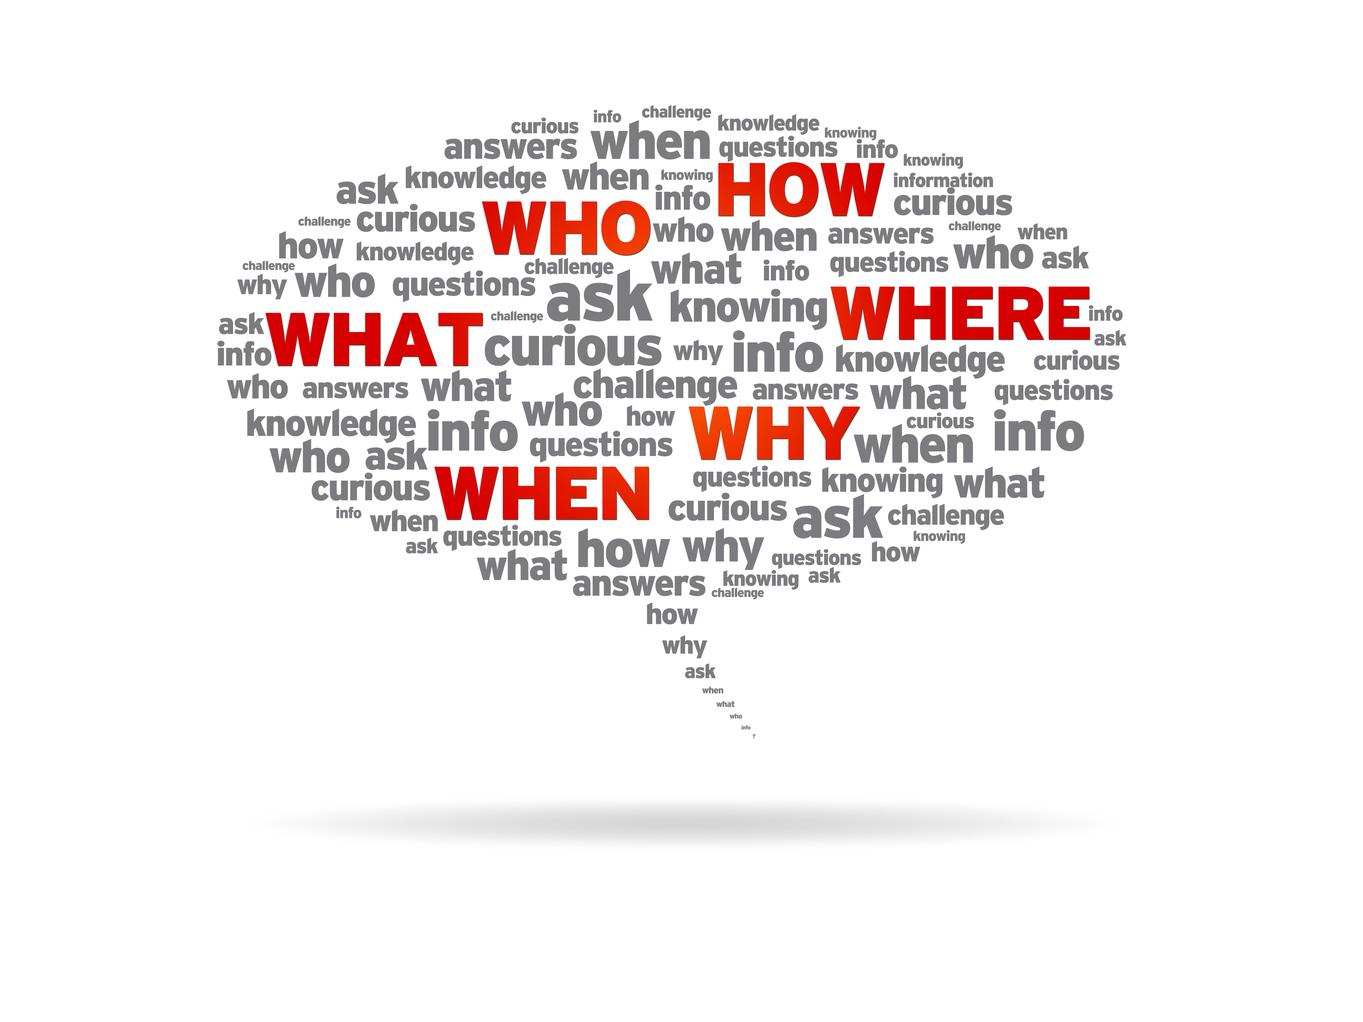 WH- İle Başlayan Soru Kelimeleri Nelerdir?